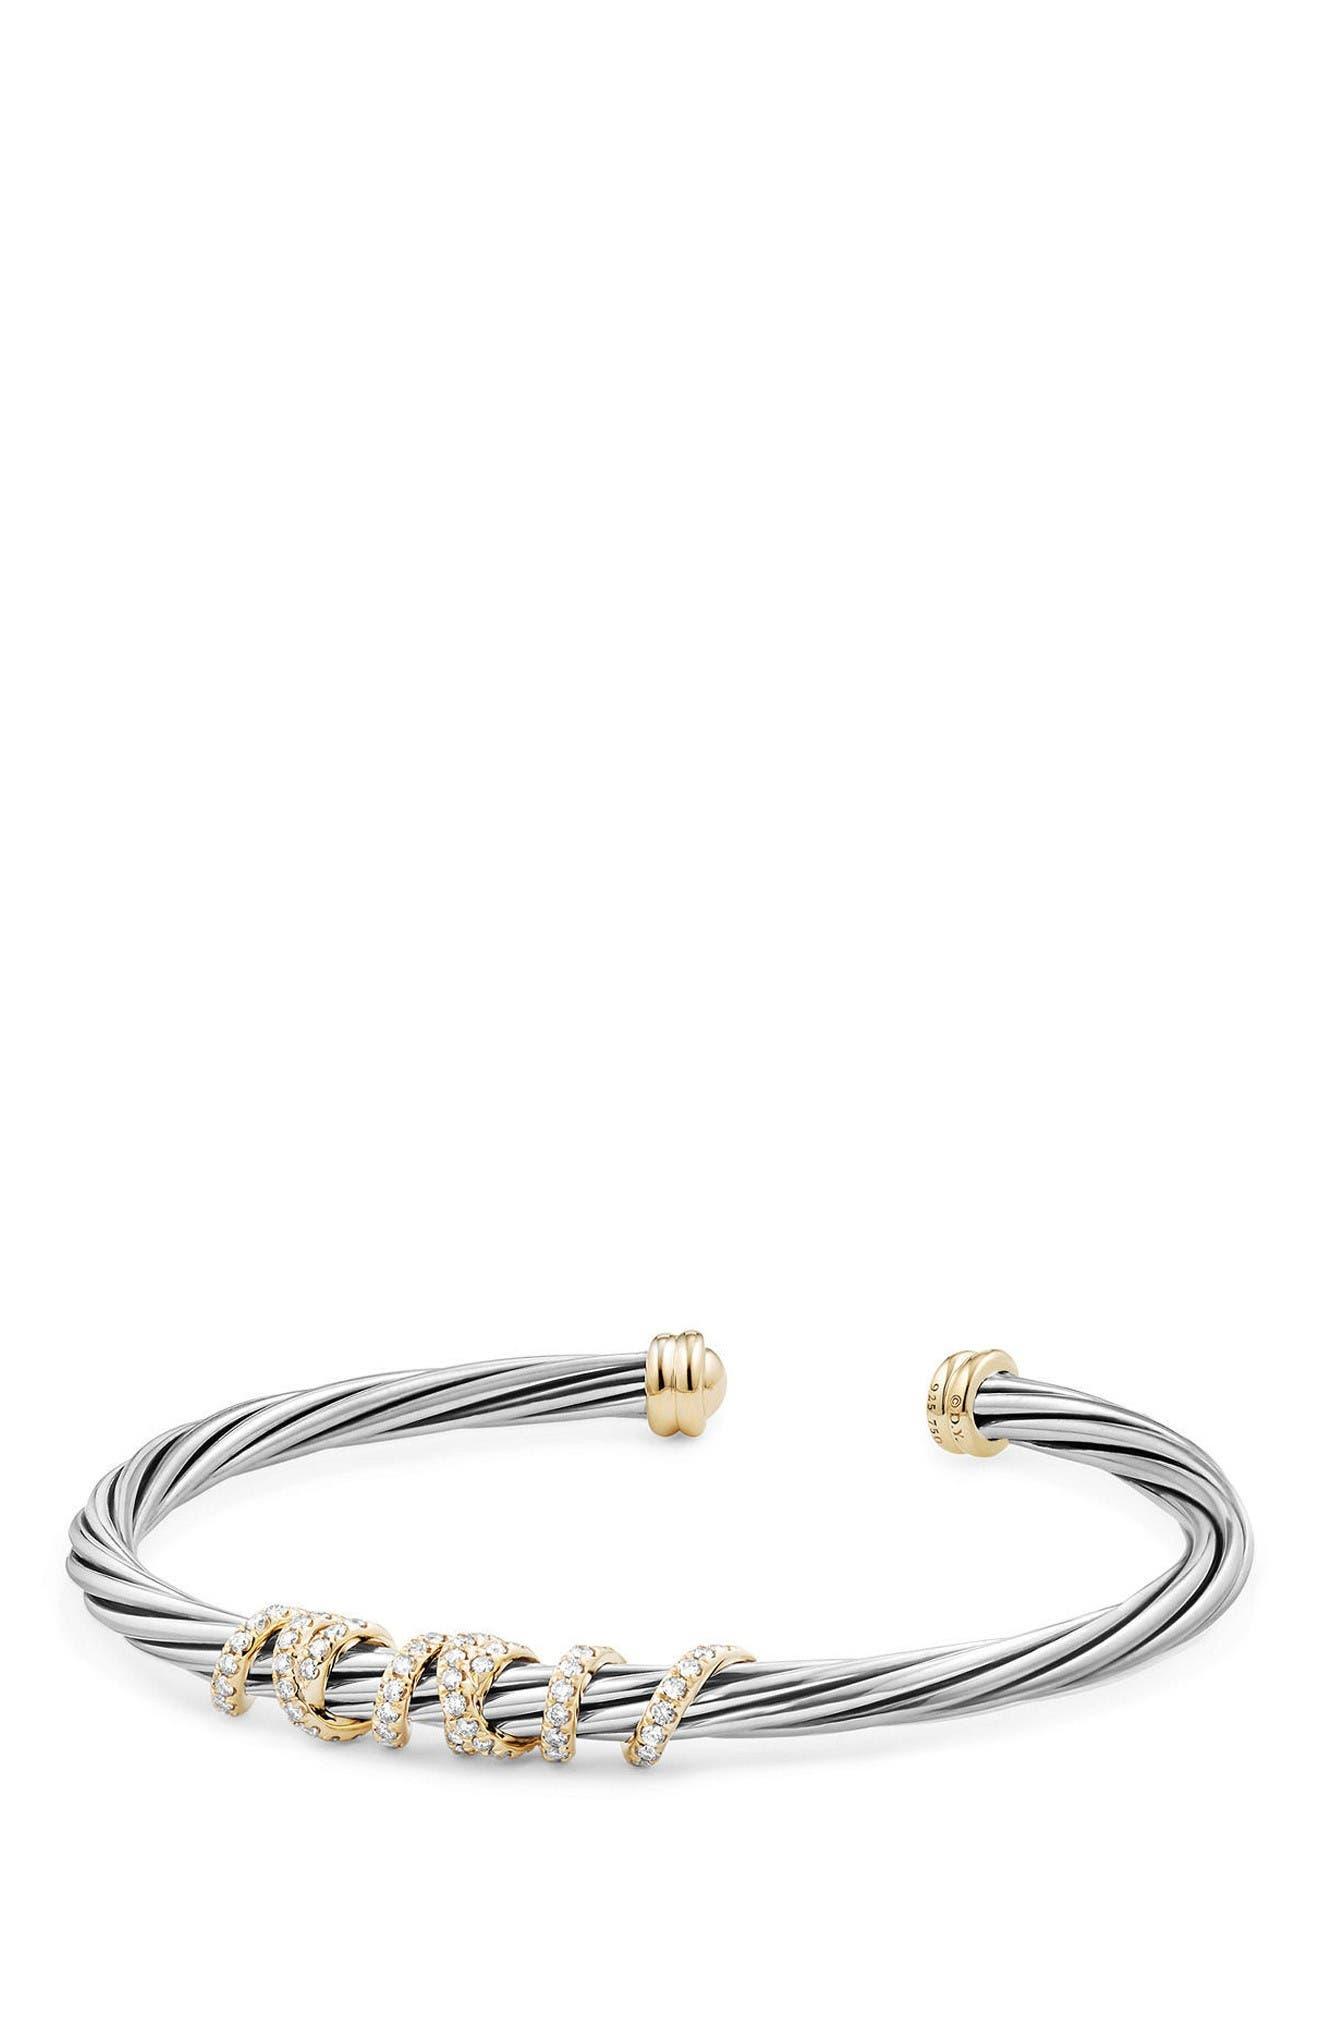 DAVID YURMAN Helena Center Station Bracelet with Diamonds and 18K Gold